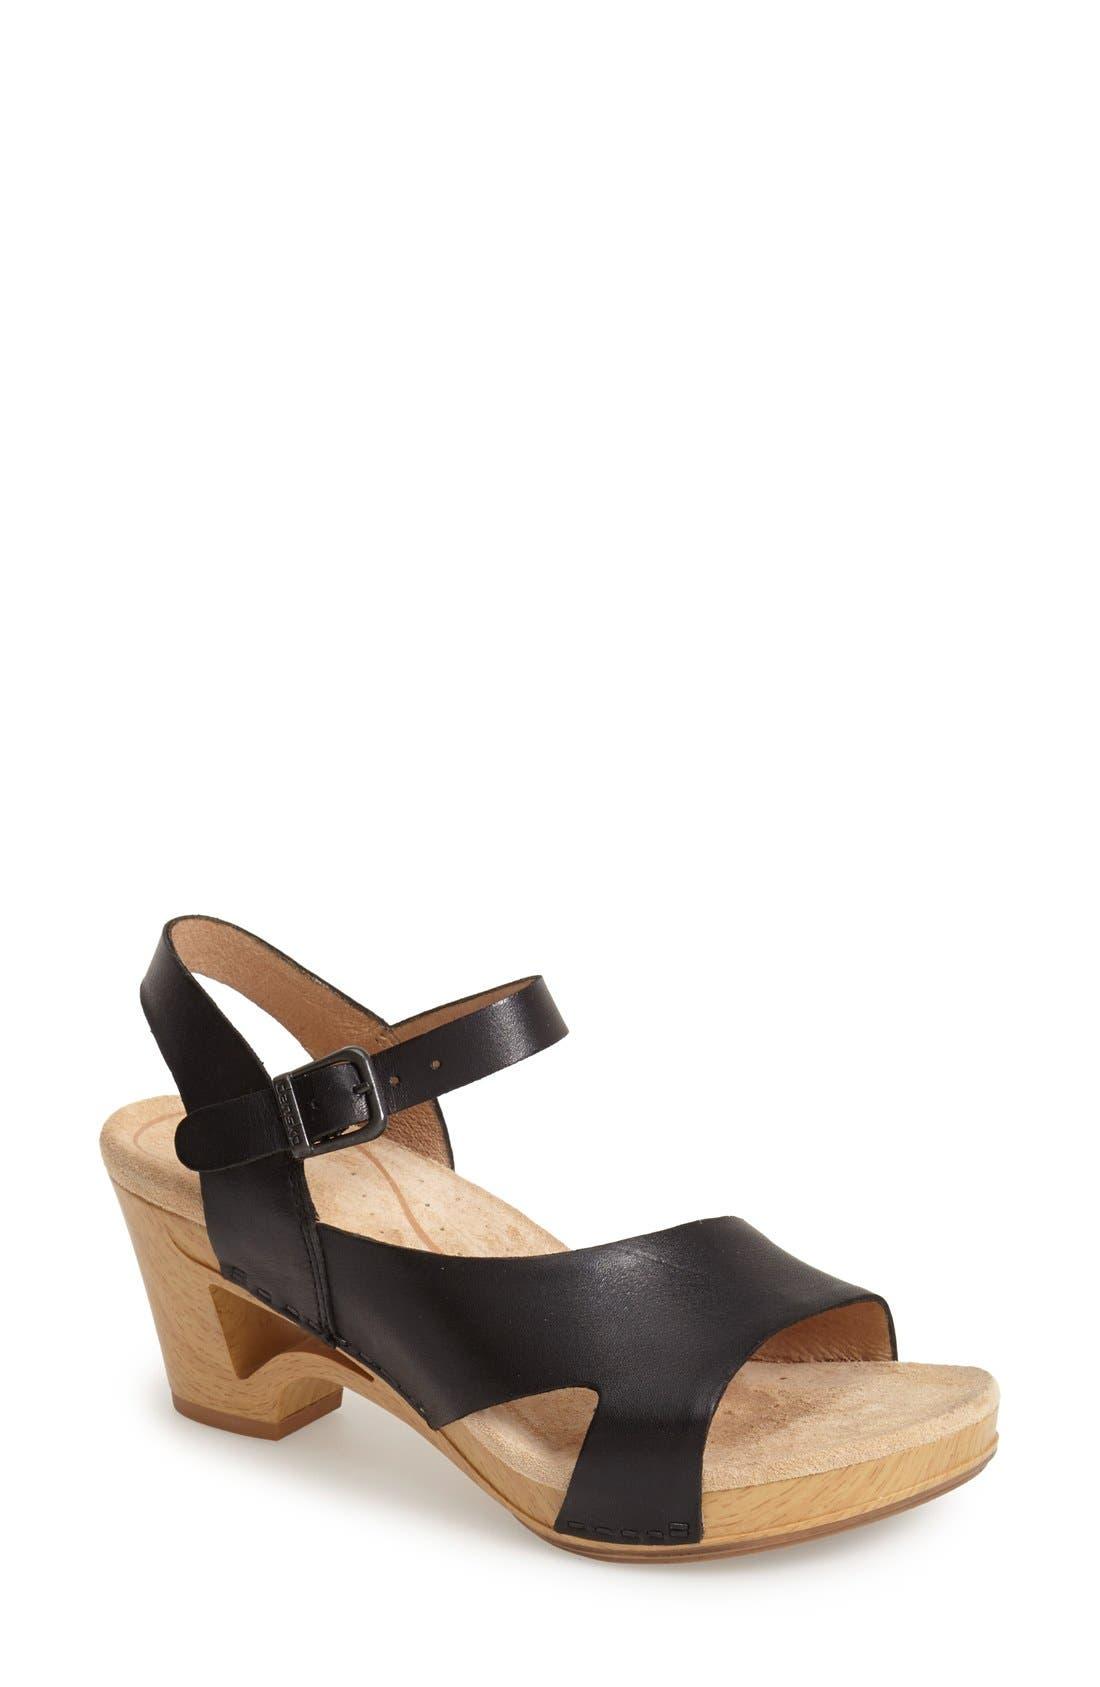 Main Image - Dansko 'Tasha' Sandal